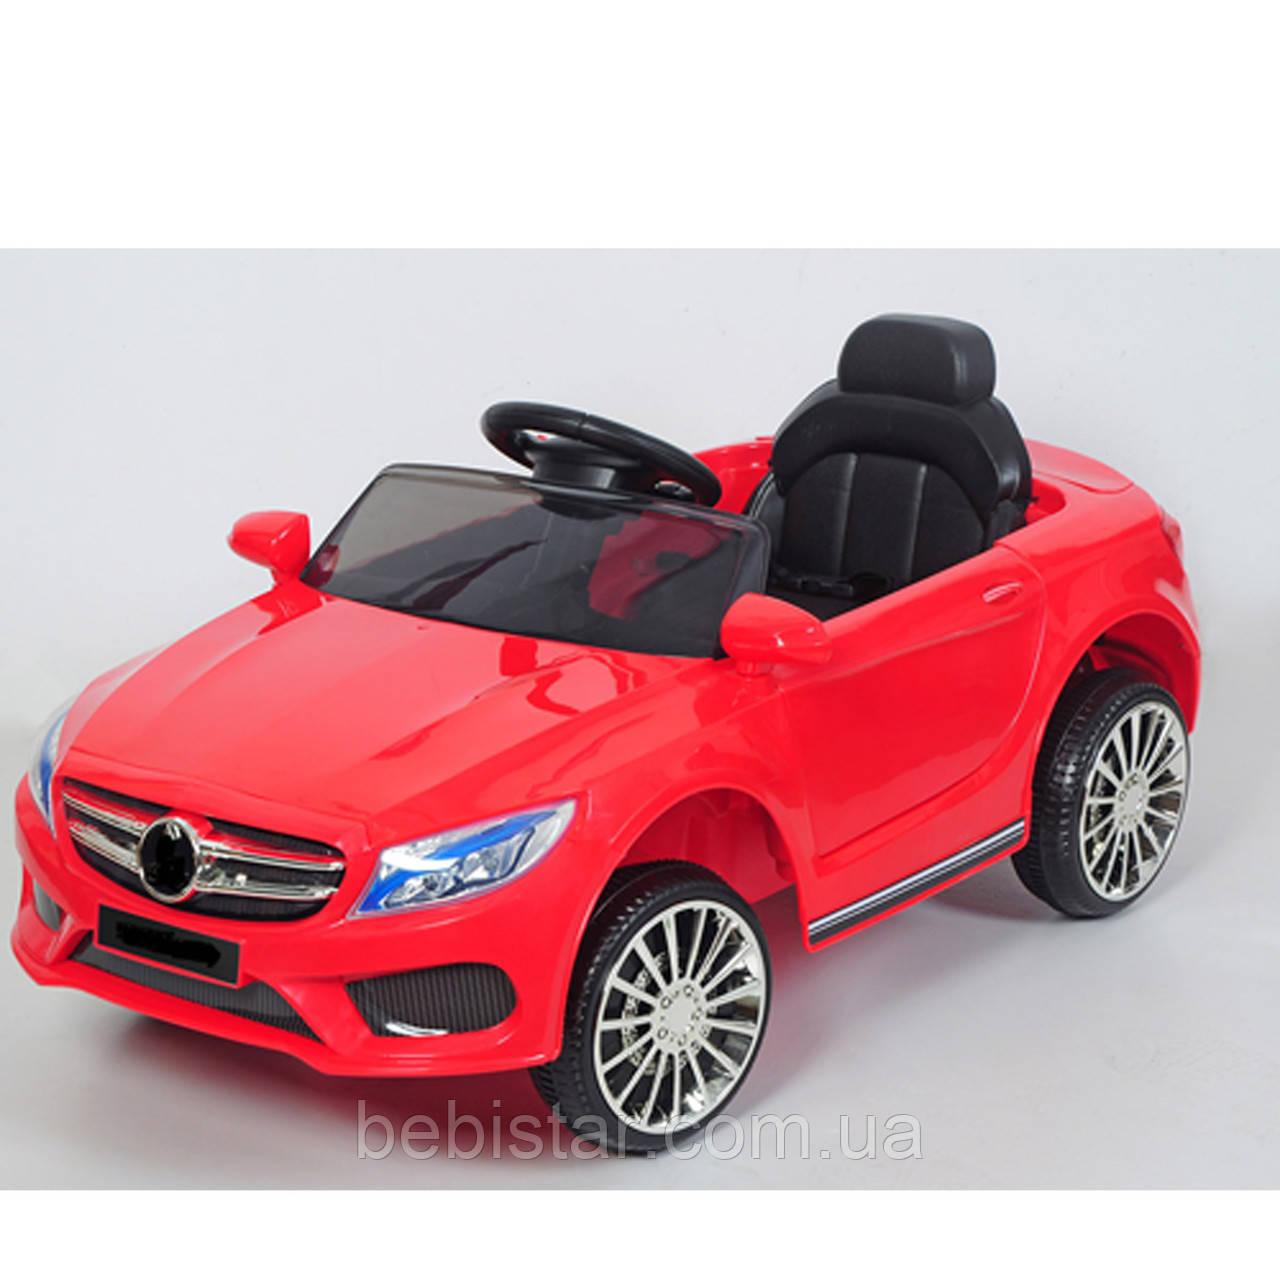 Електромобіль спорткар червоний T-7620 EVA RED для дітей 3-8 років з MP3